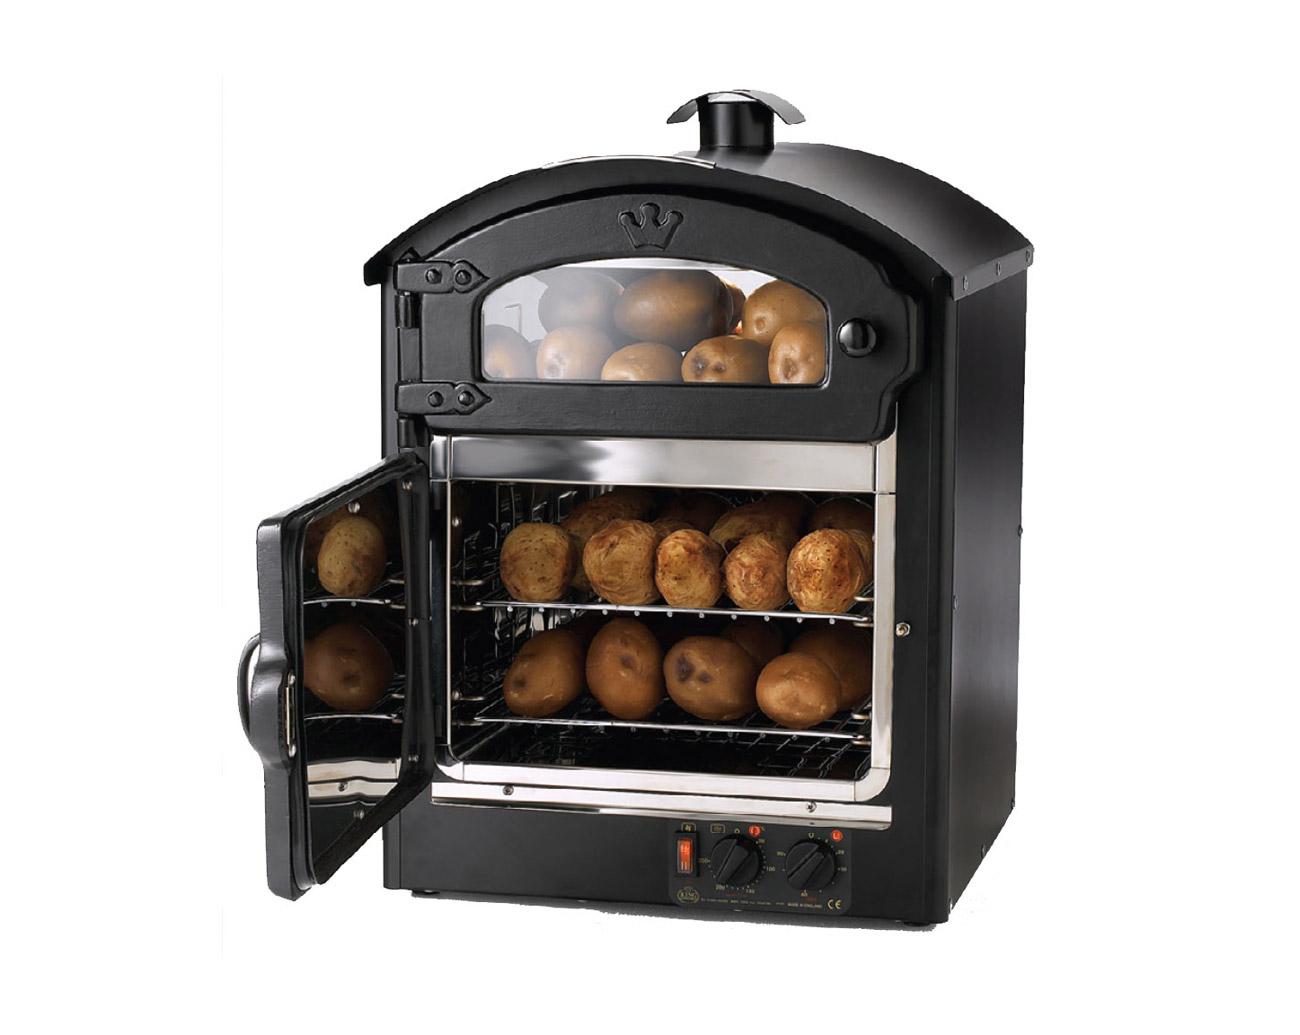 Le four à pommes de terre CLASSIC 5025